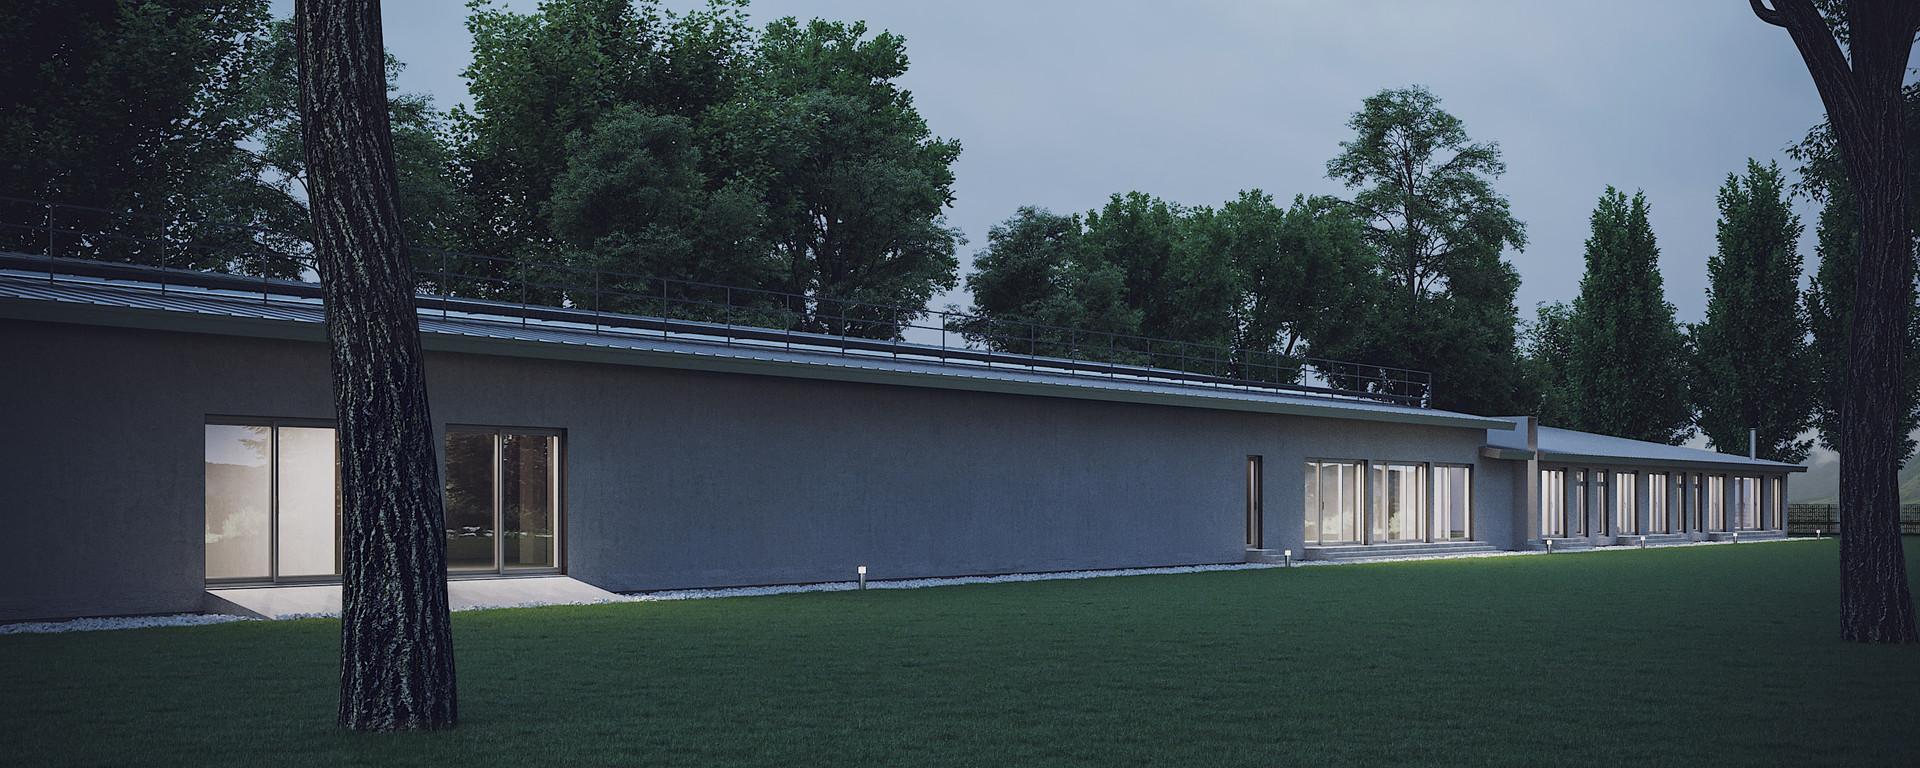 Architectural Project in Navazi, Georgia. 2019